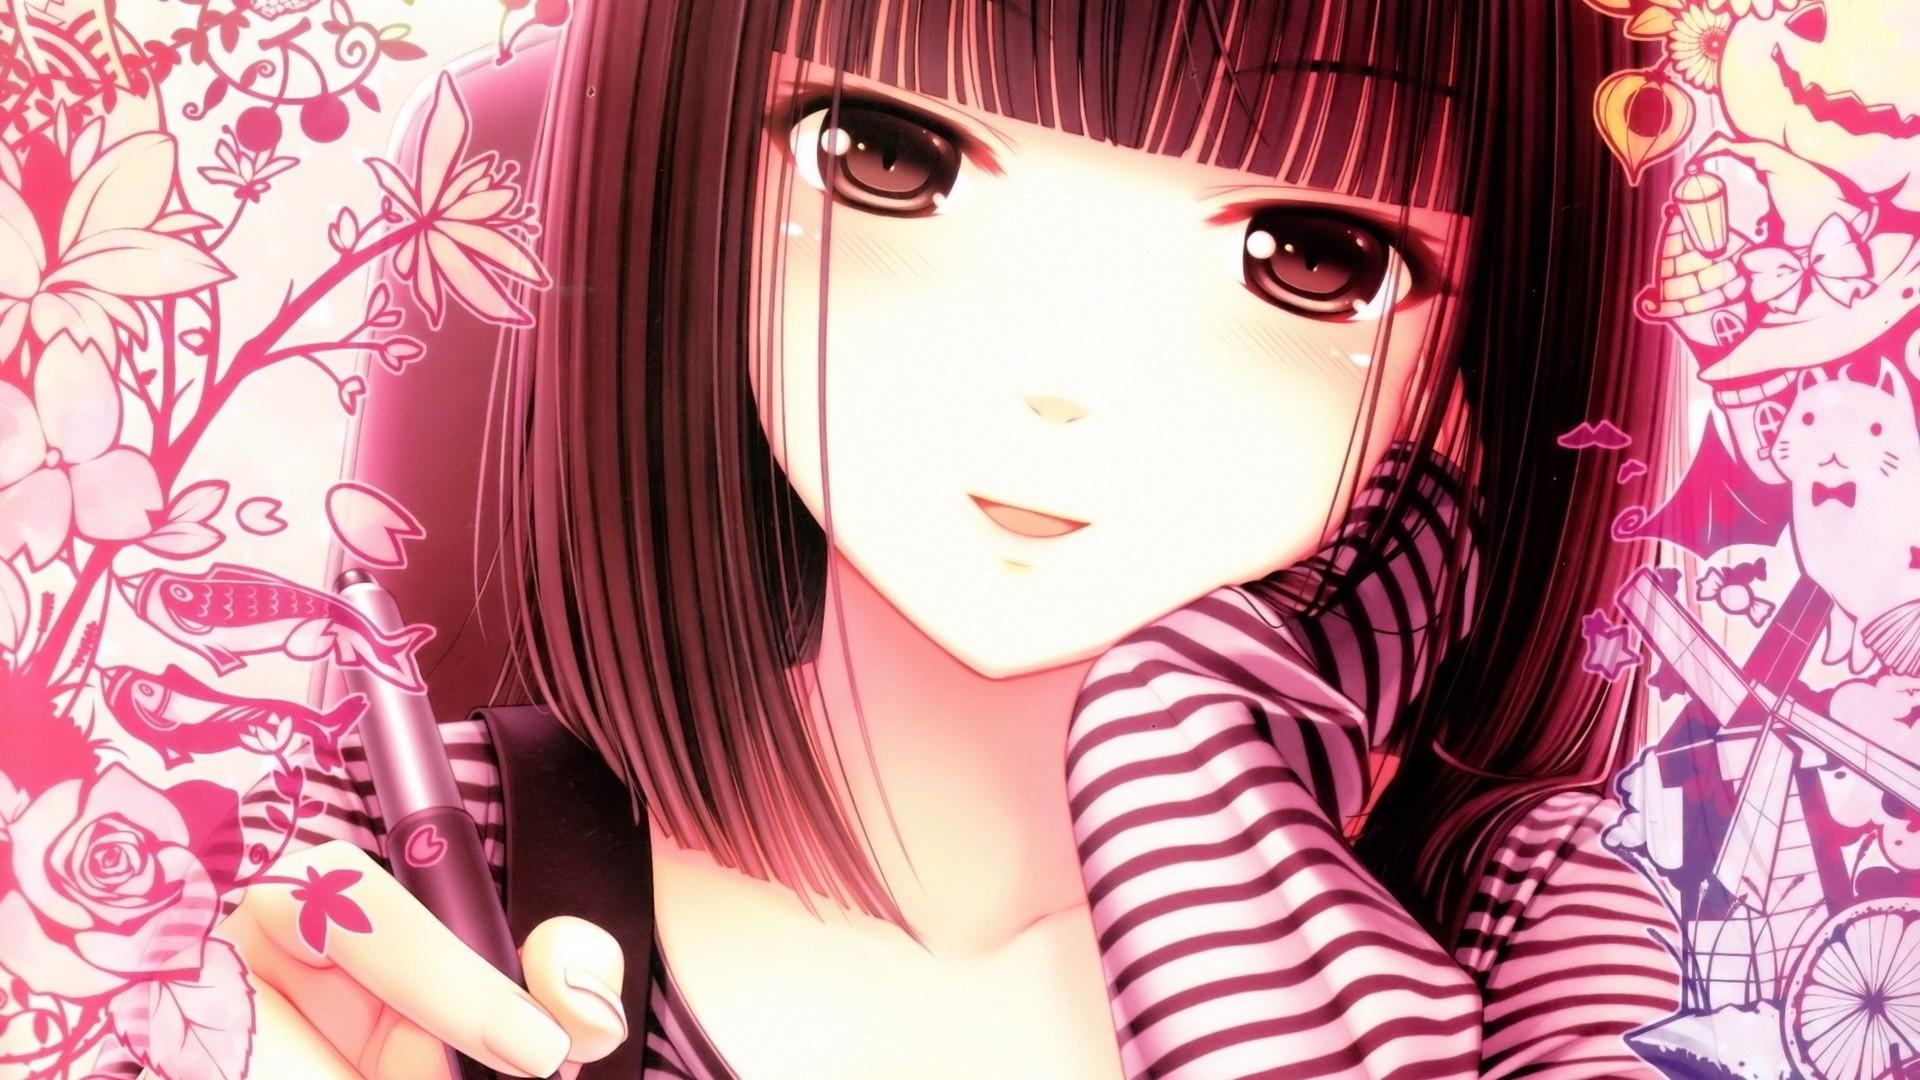 Wallpaper anime, girl, face, pen, white, pink